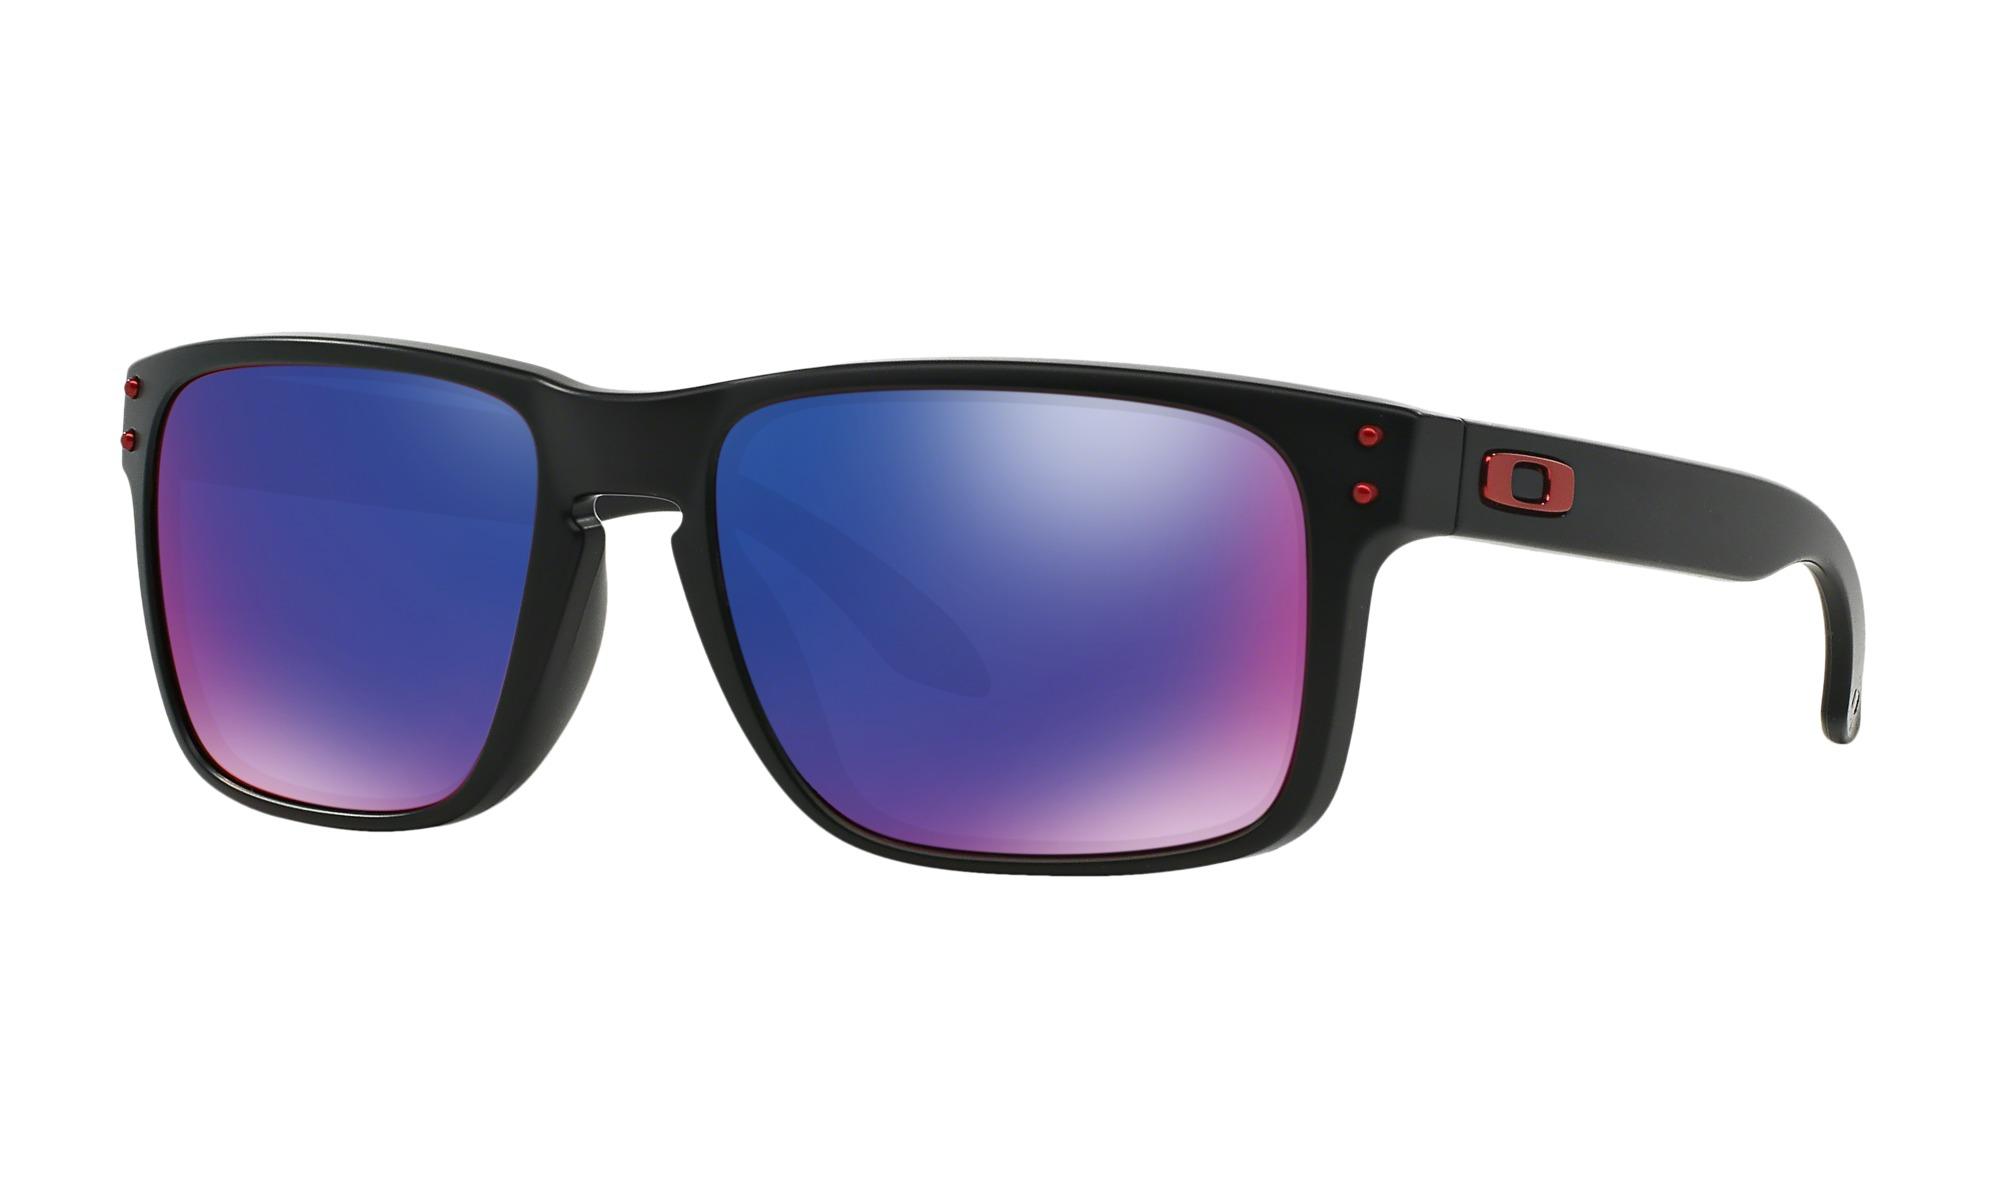 Купить Очки солнцезащитные Oakley 2018 HOLBROOK MATTE BLACK/POSITIVE RED IRIDIUM, горнолыжные, 1354285